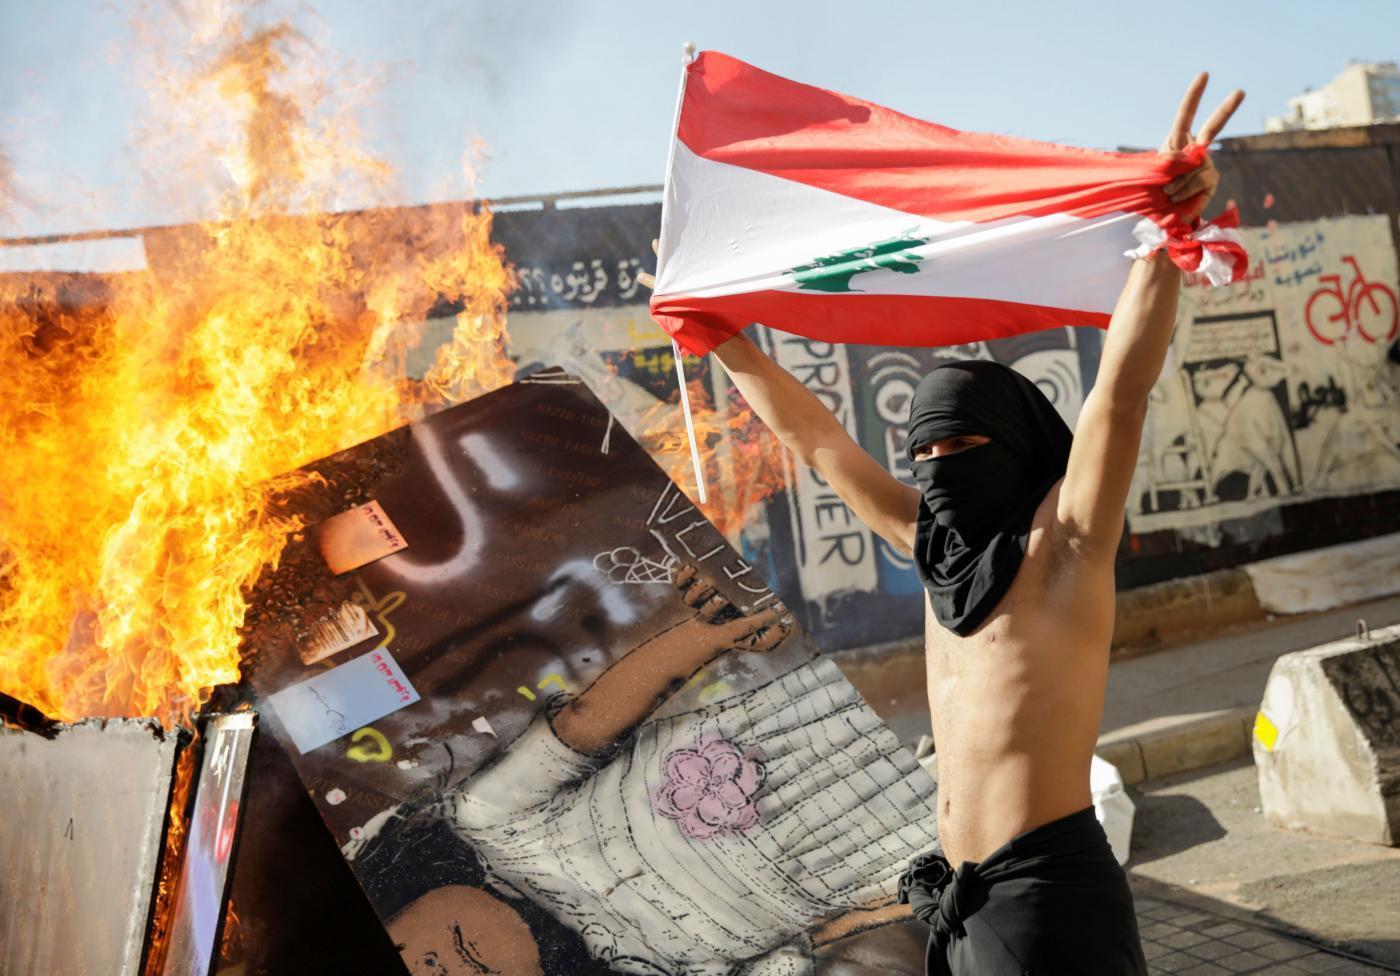 """<a class=""""amazingslider-posttitle-link"""" href=""""https://www.alhoukoul.com/liban-derriere-la-contestation-socio-economique-un-bras-de-fer-americano-russe/"""">Liban: derrière la contestation socio-économique, un bras de fer américano-russe</a>"""